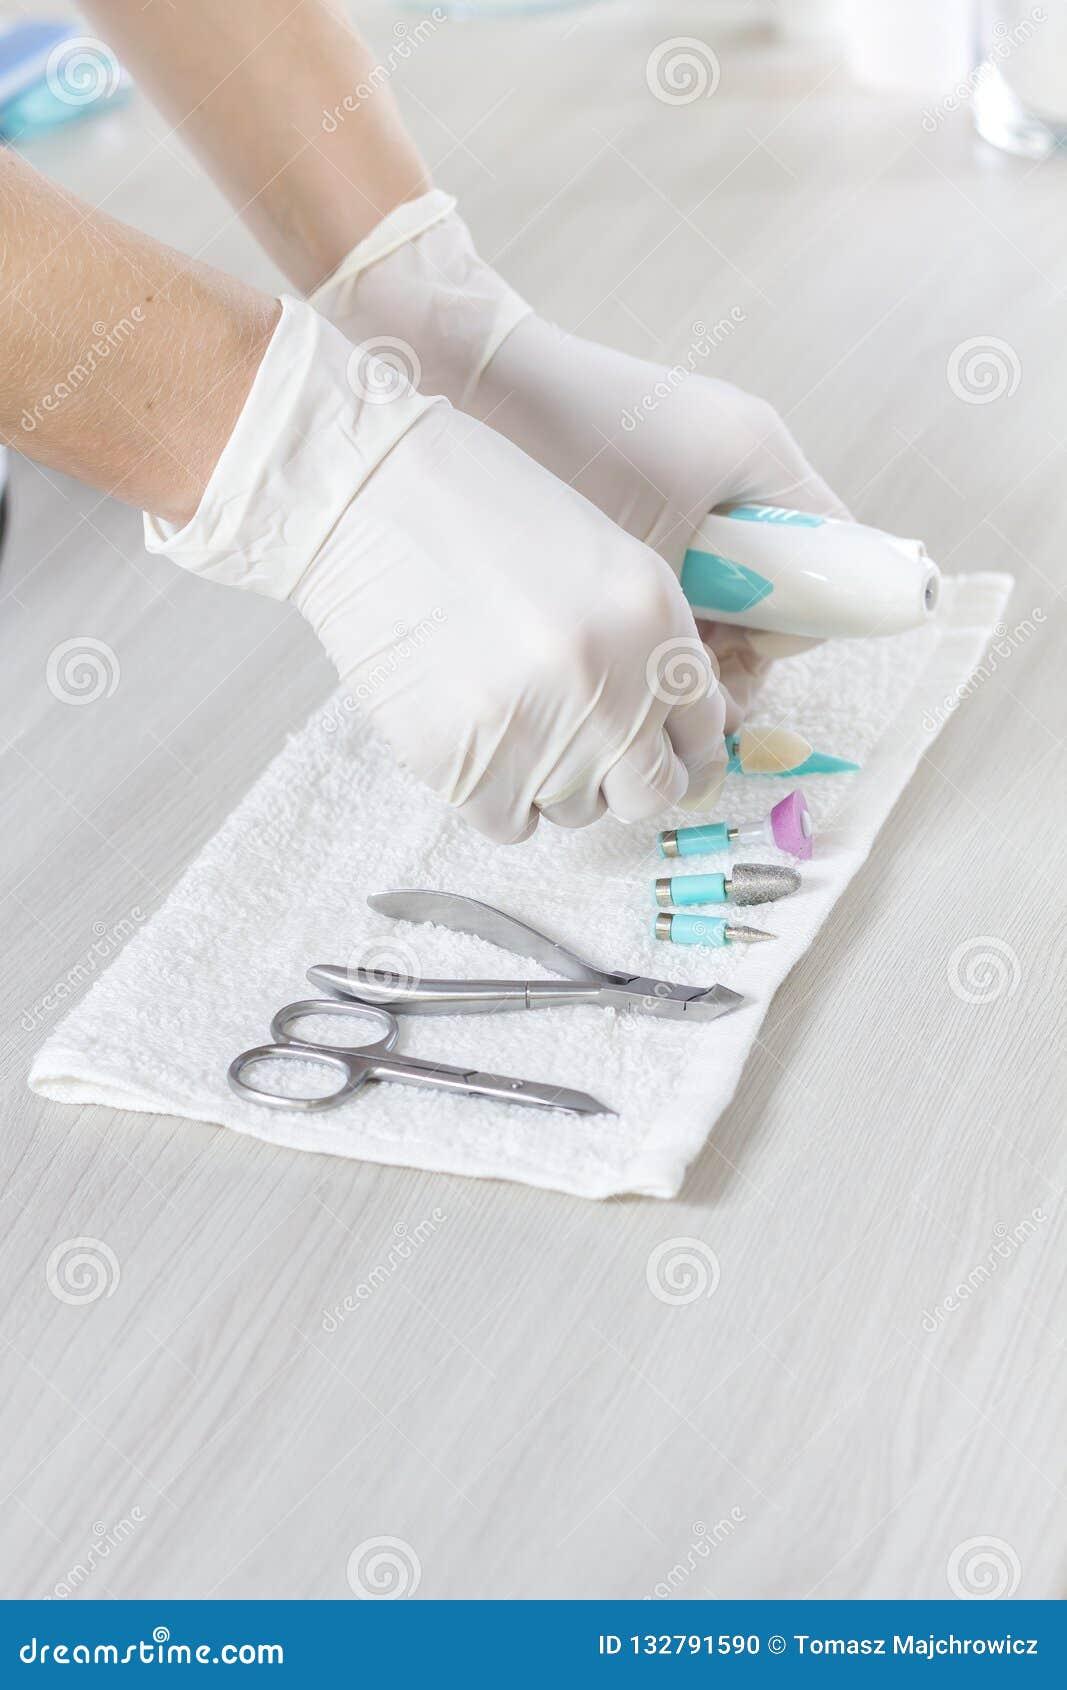 Руки beautician в устранимых перчатках положили инструменты косметик на белое полотенце Подготовка для косметической обработки